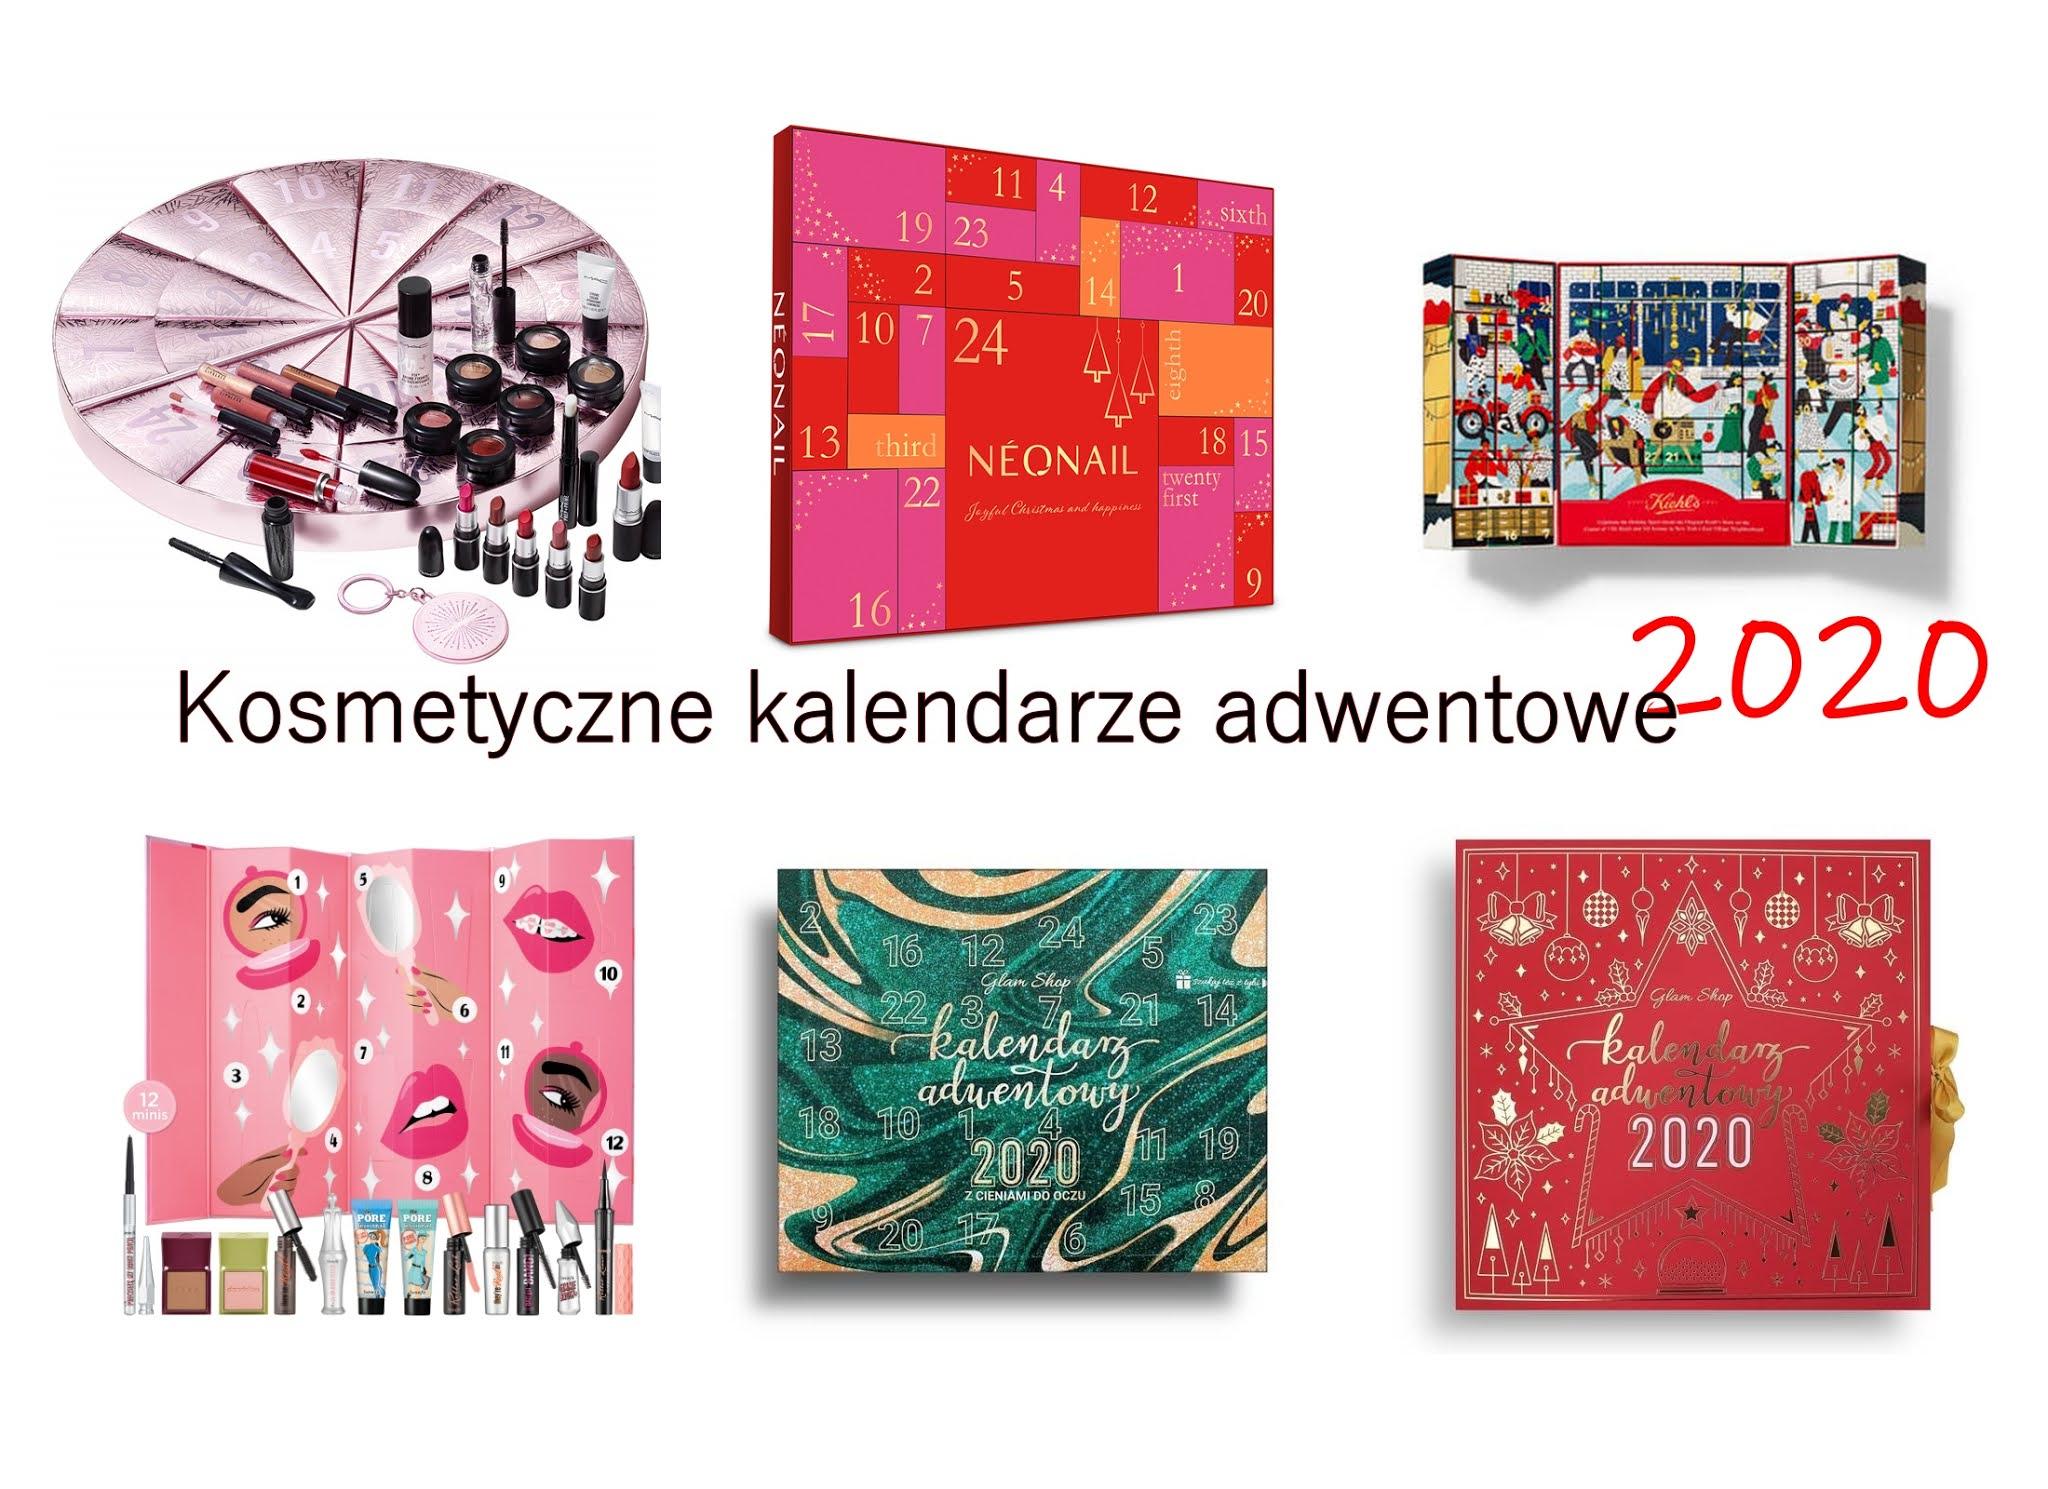 Kosmetyczne kalendarze adwentowe 2020